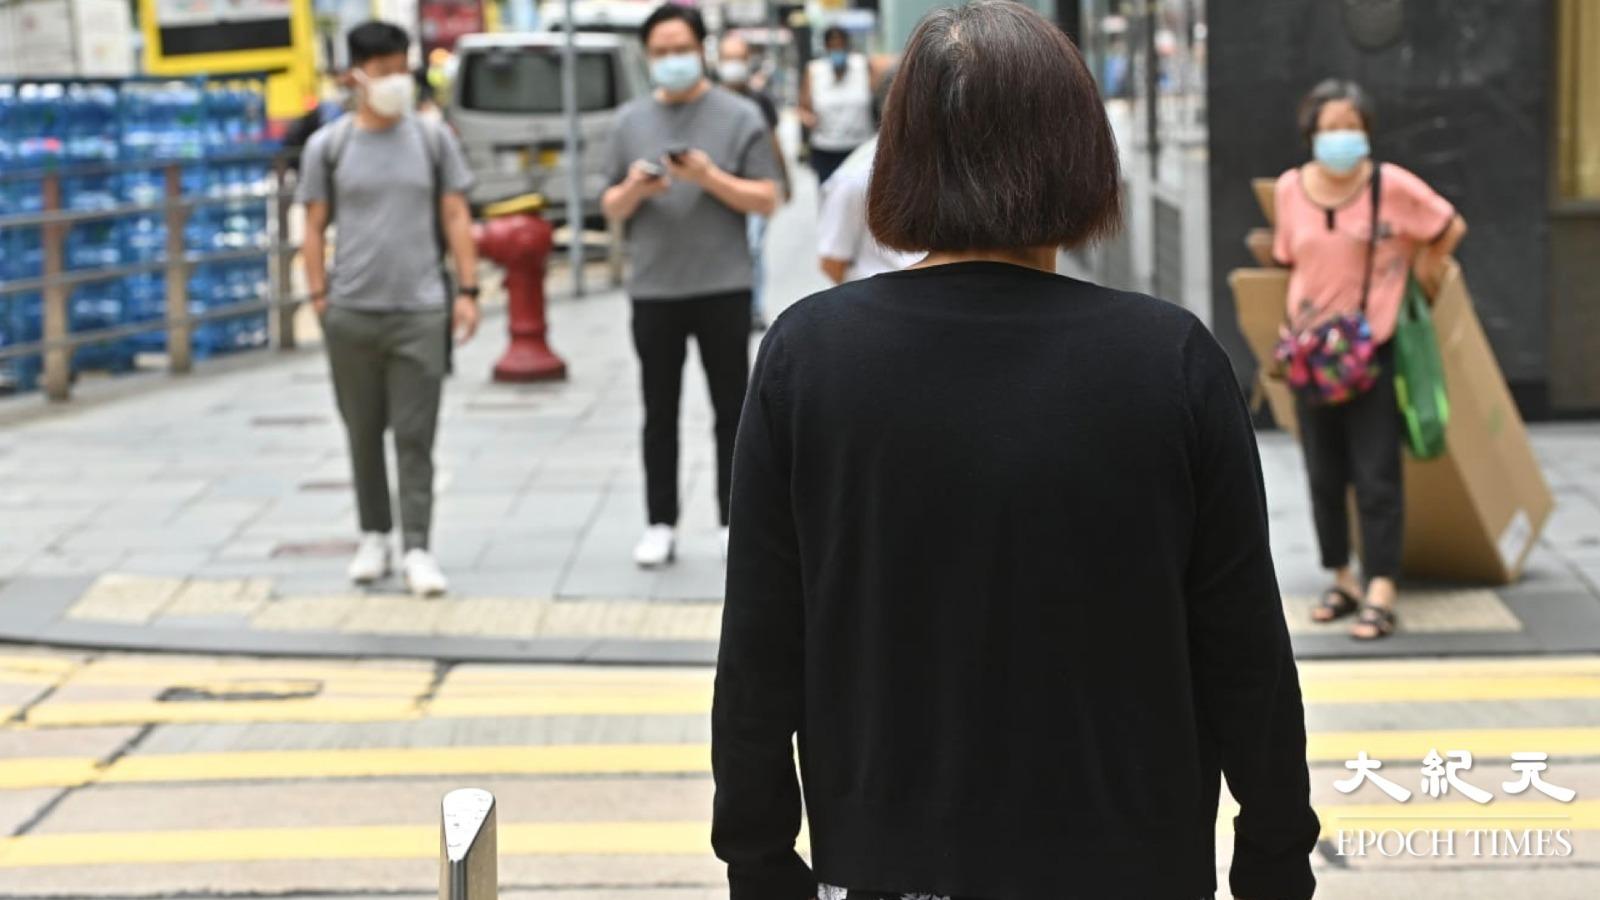 8月27日,有網民發起「良知守護真相、全城黑衣」行動,號召全城市民身著黑衣上街。(宋碧龍/大紀元)